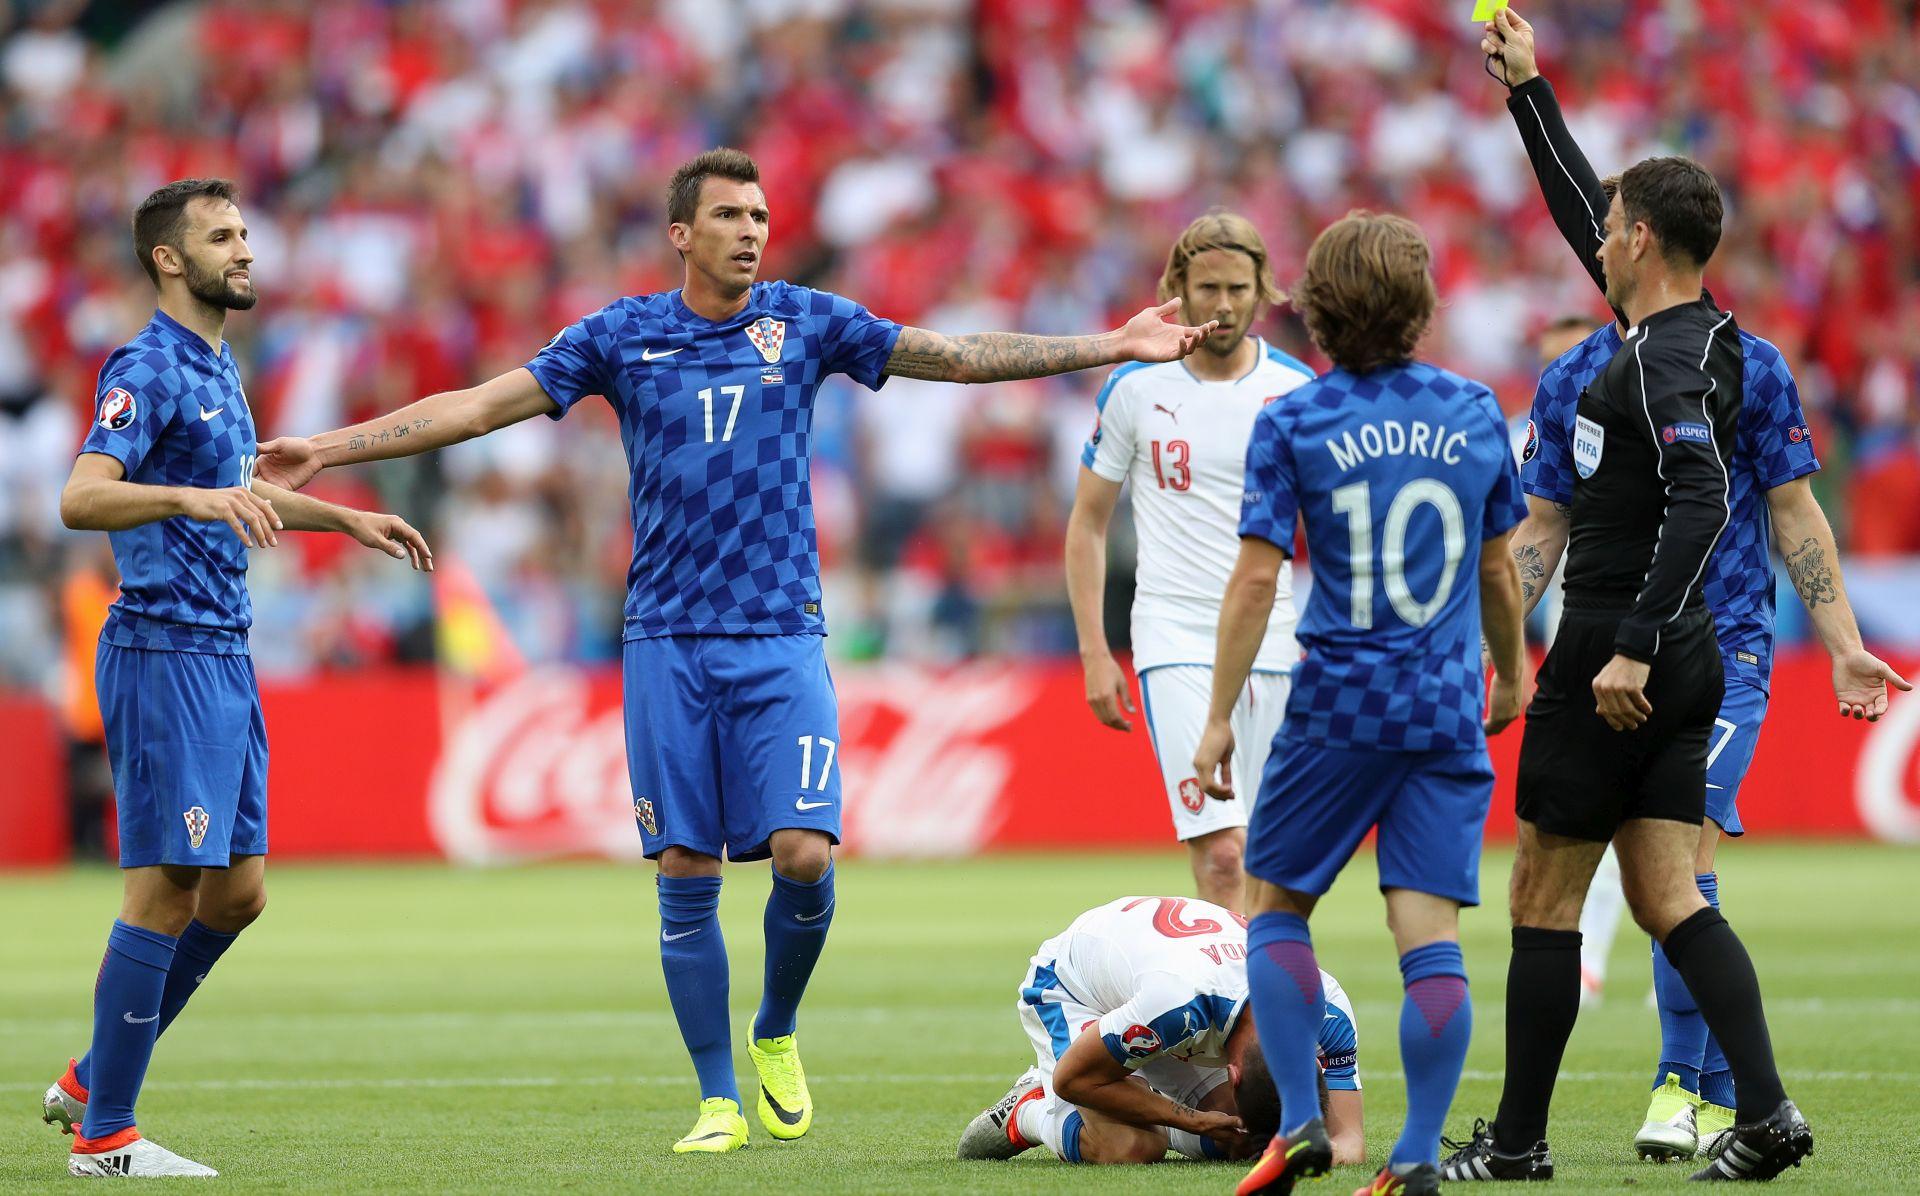 NOVA SRAMOTA!!!! Šačica huligana koštala Hrvatsku dva boda, čekamo sankcije…